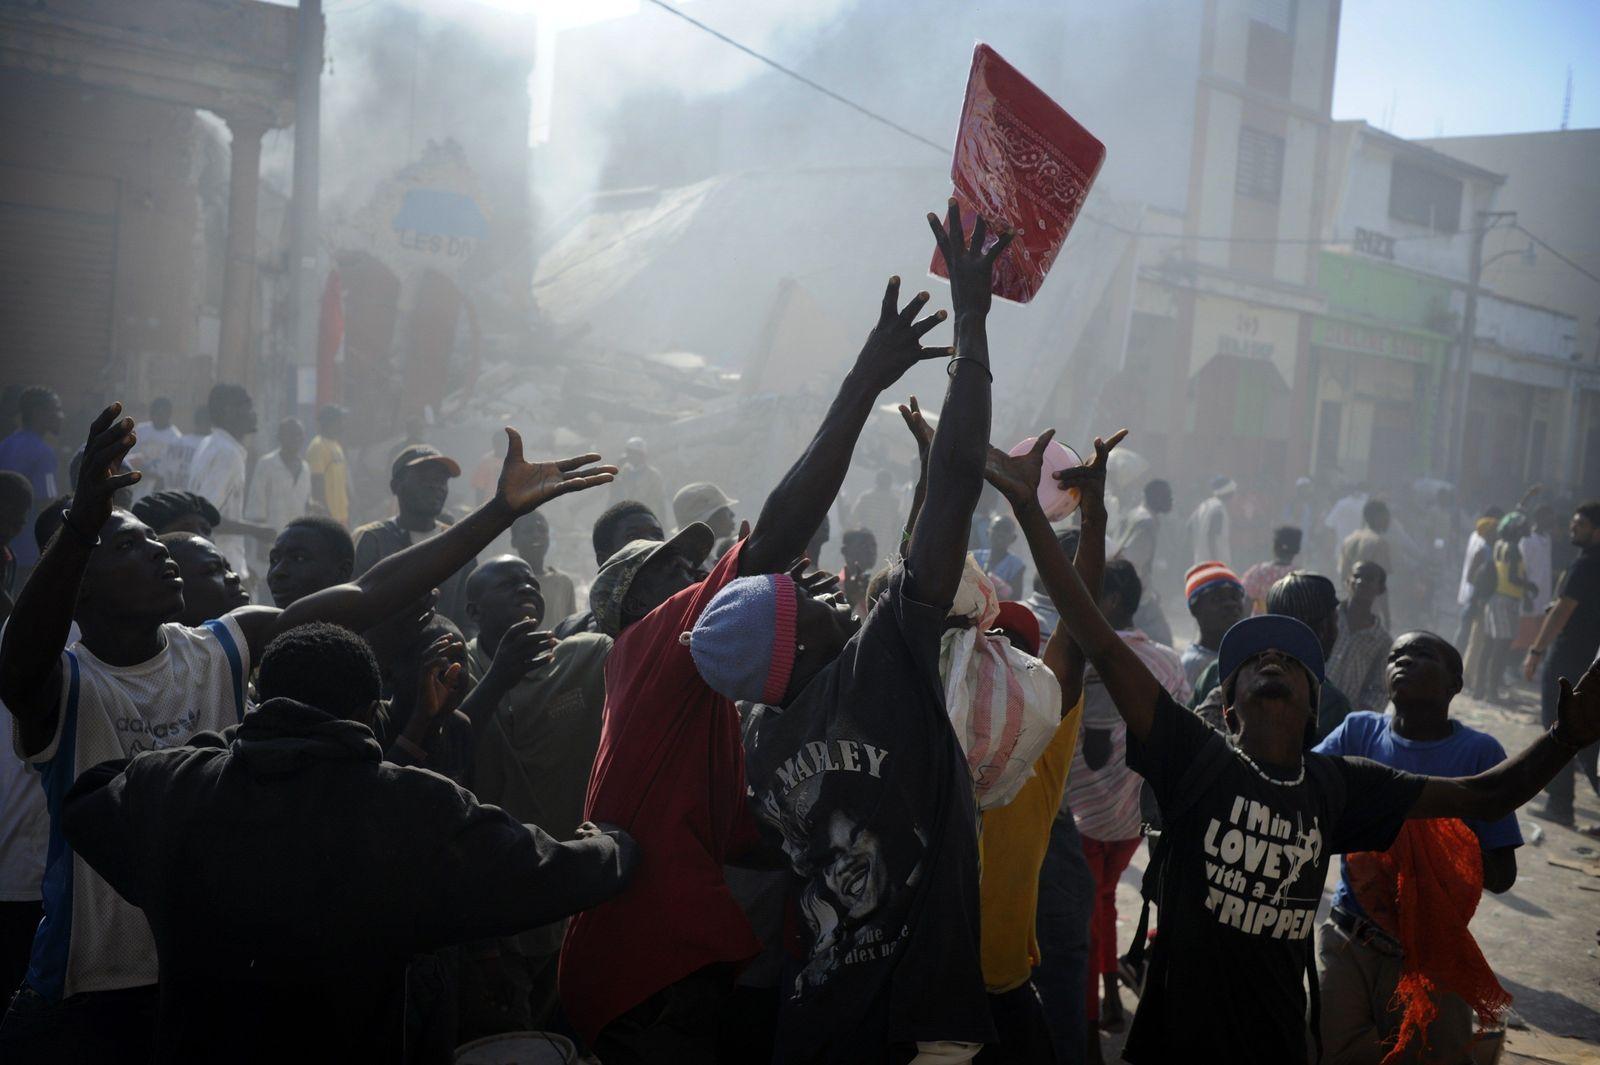 Erdbeben Haiti BiGa Mo #02